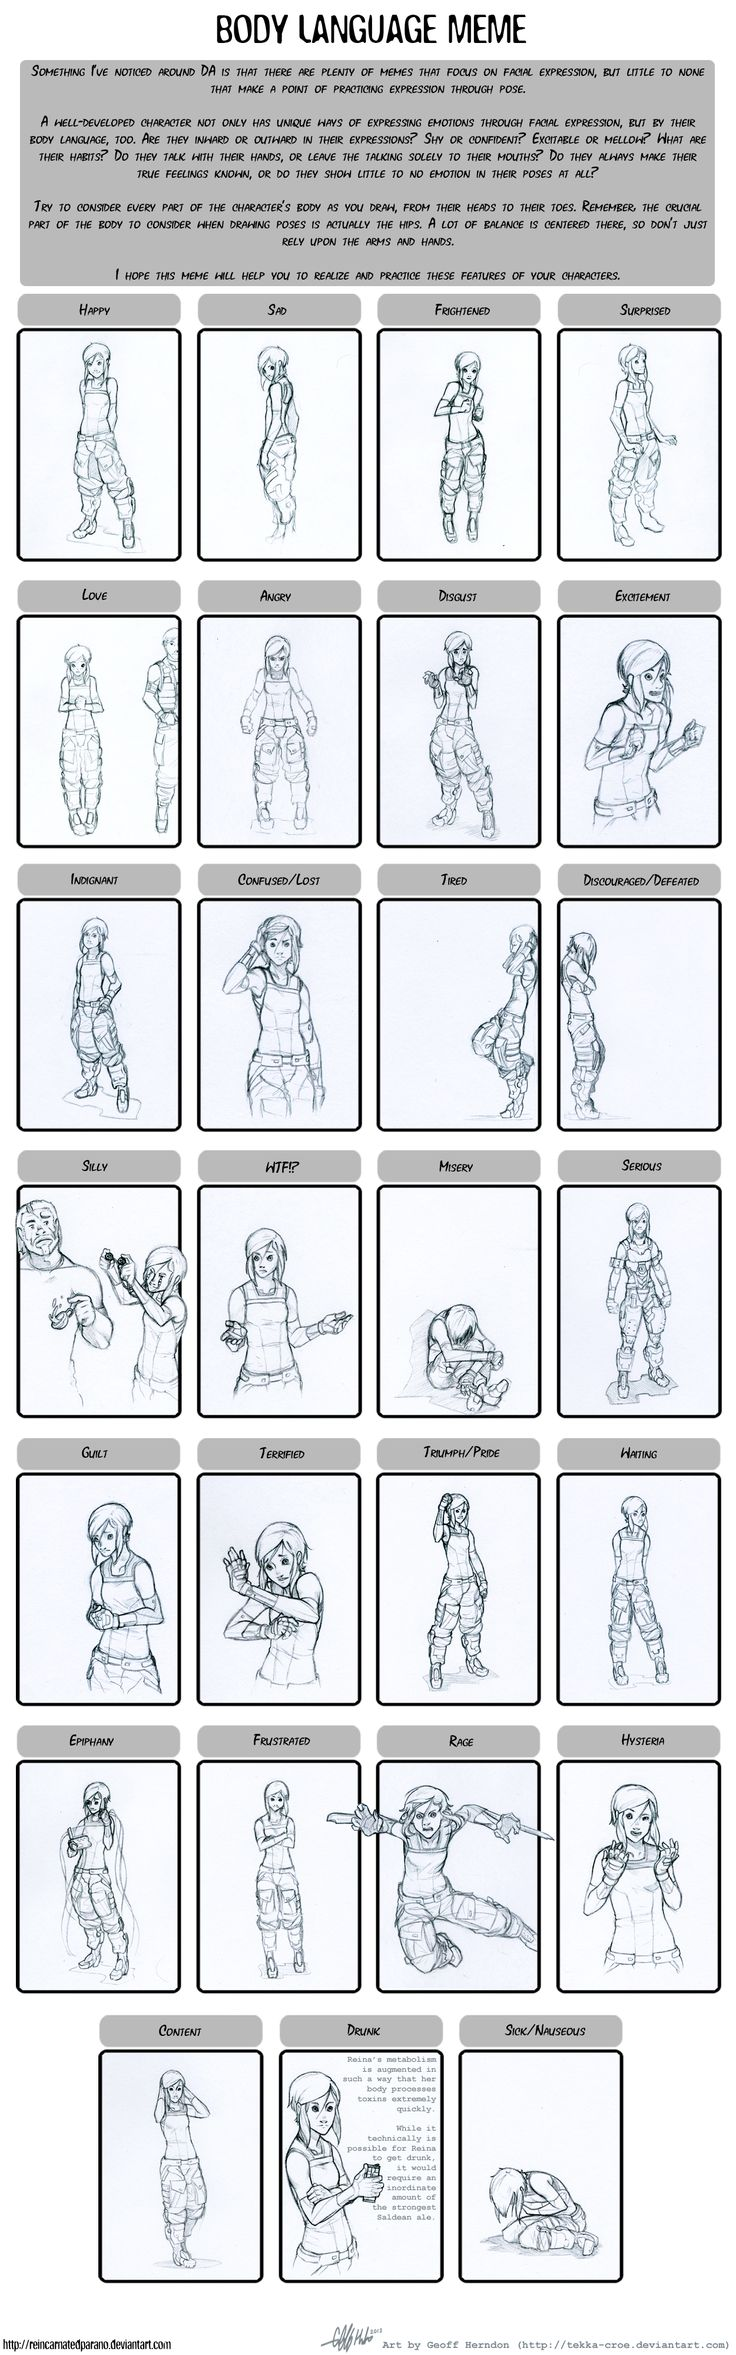 best body language images body language body language meme reina by tekka croe on